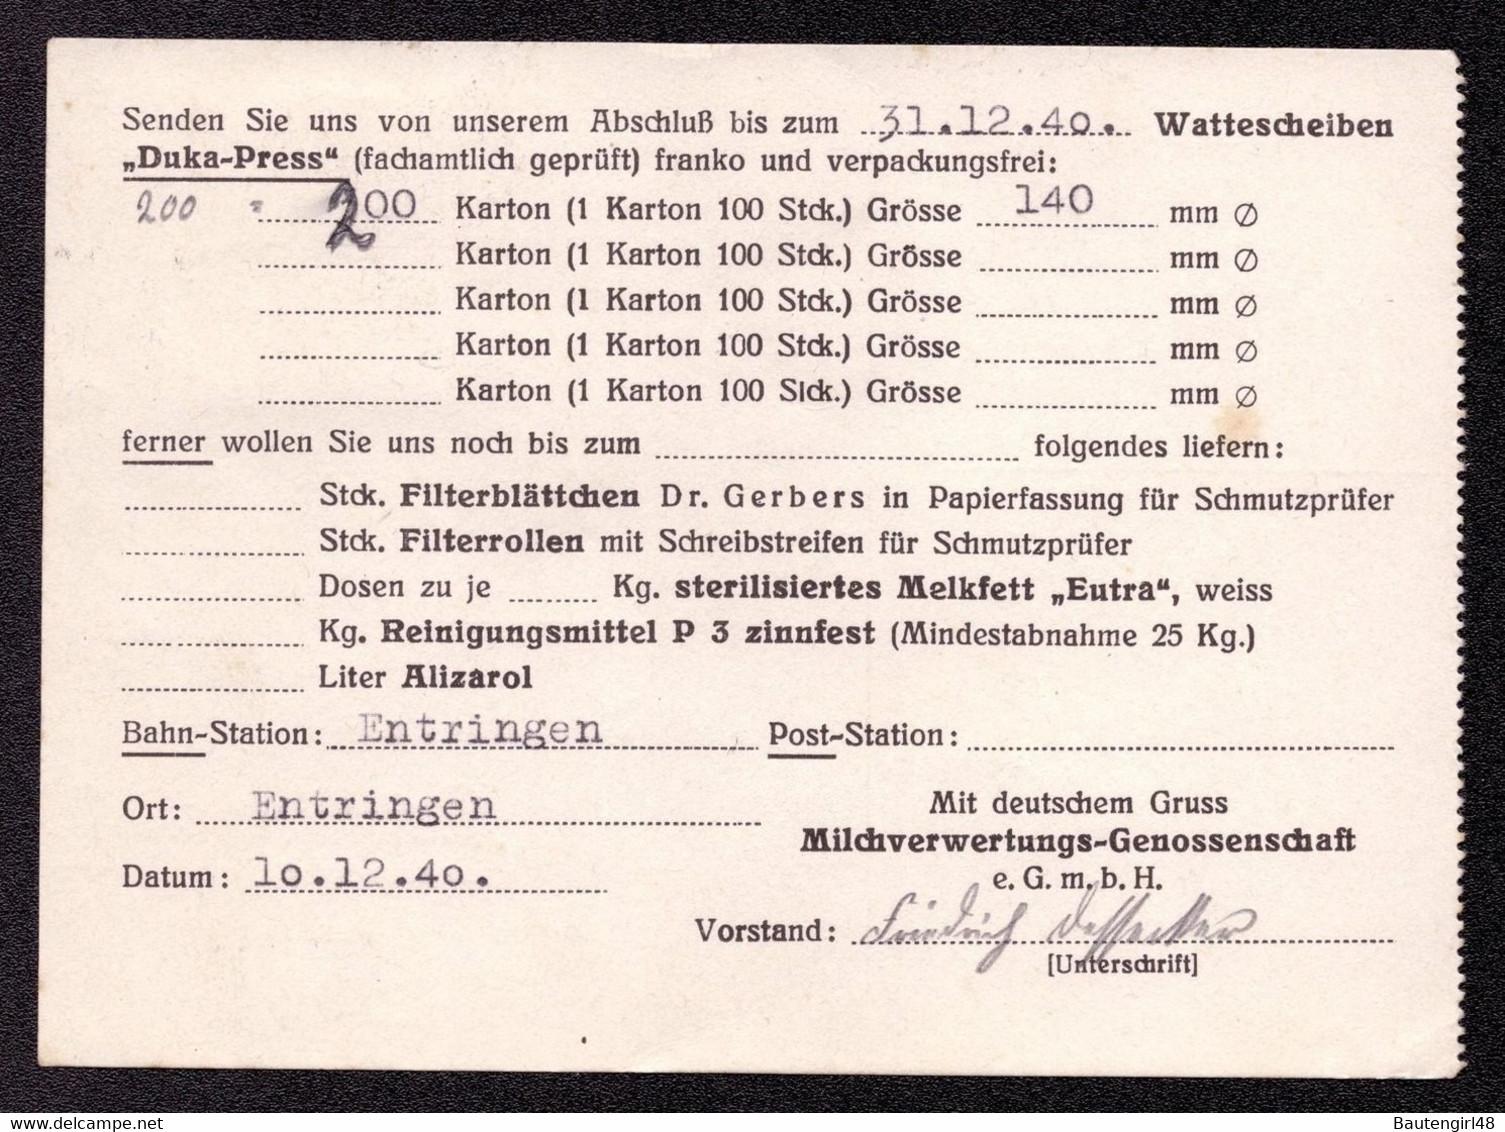 DR Postkarte Von ENTRINGEN Nach Reutlingen - 15.12.40 - Mi.751 Artushof In Danzig V. Milchverwertungsgenossenschaft - Briefe U. Dokumente